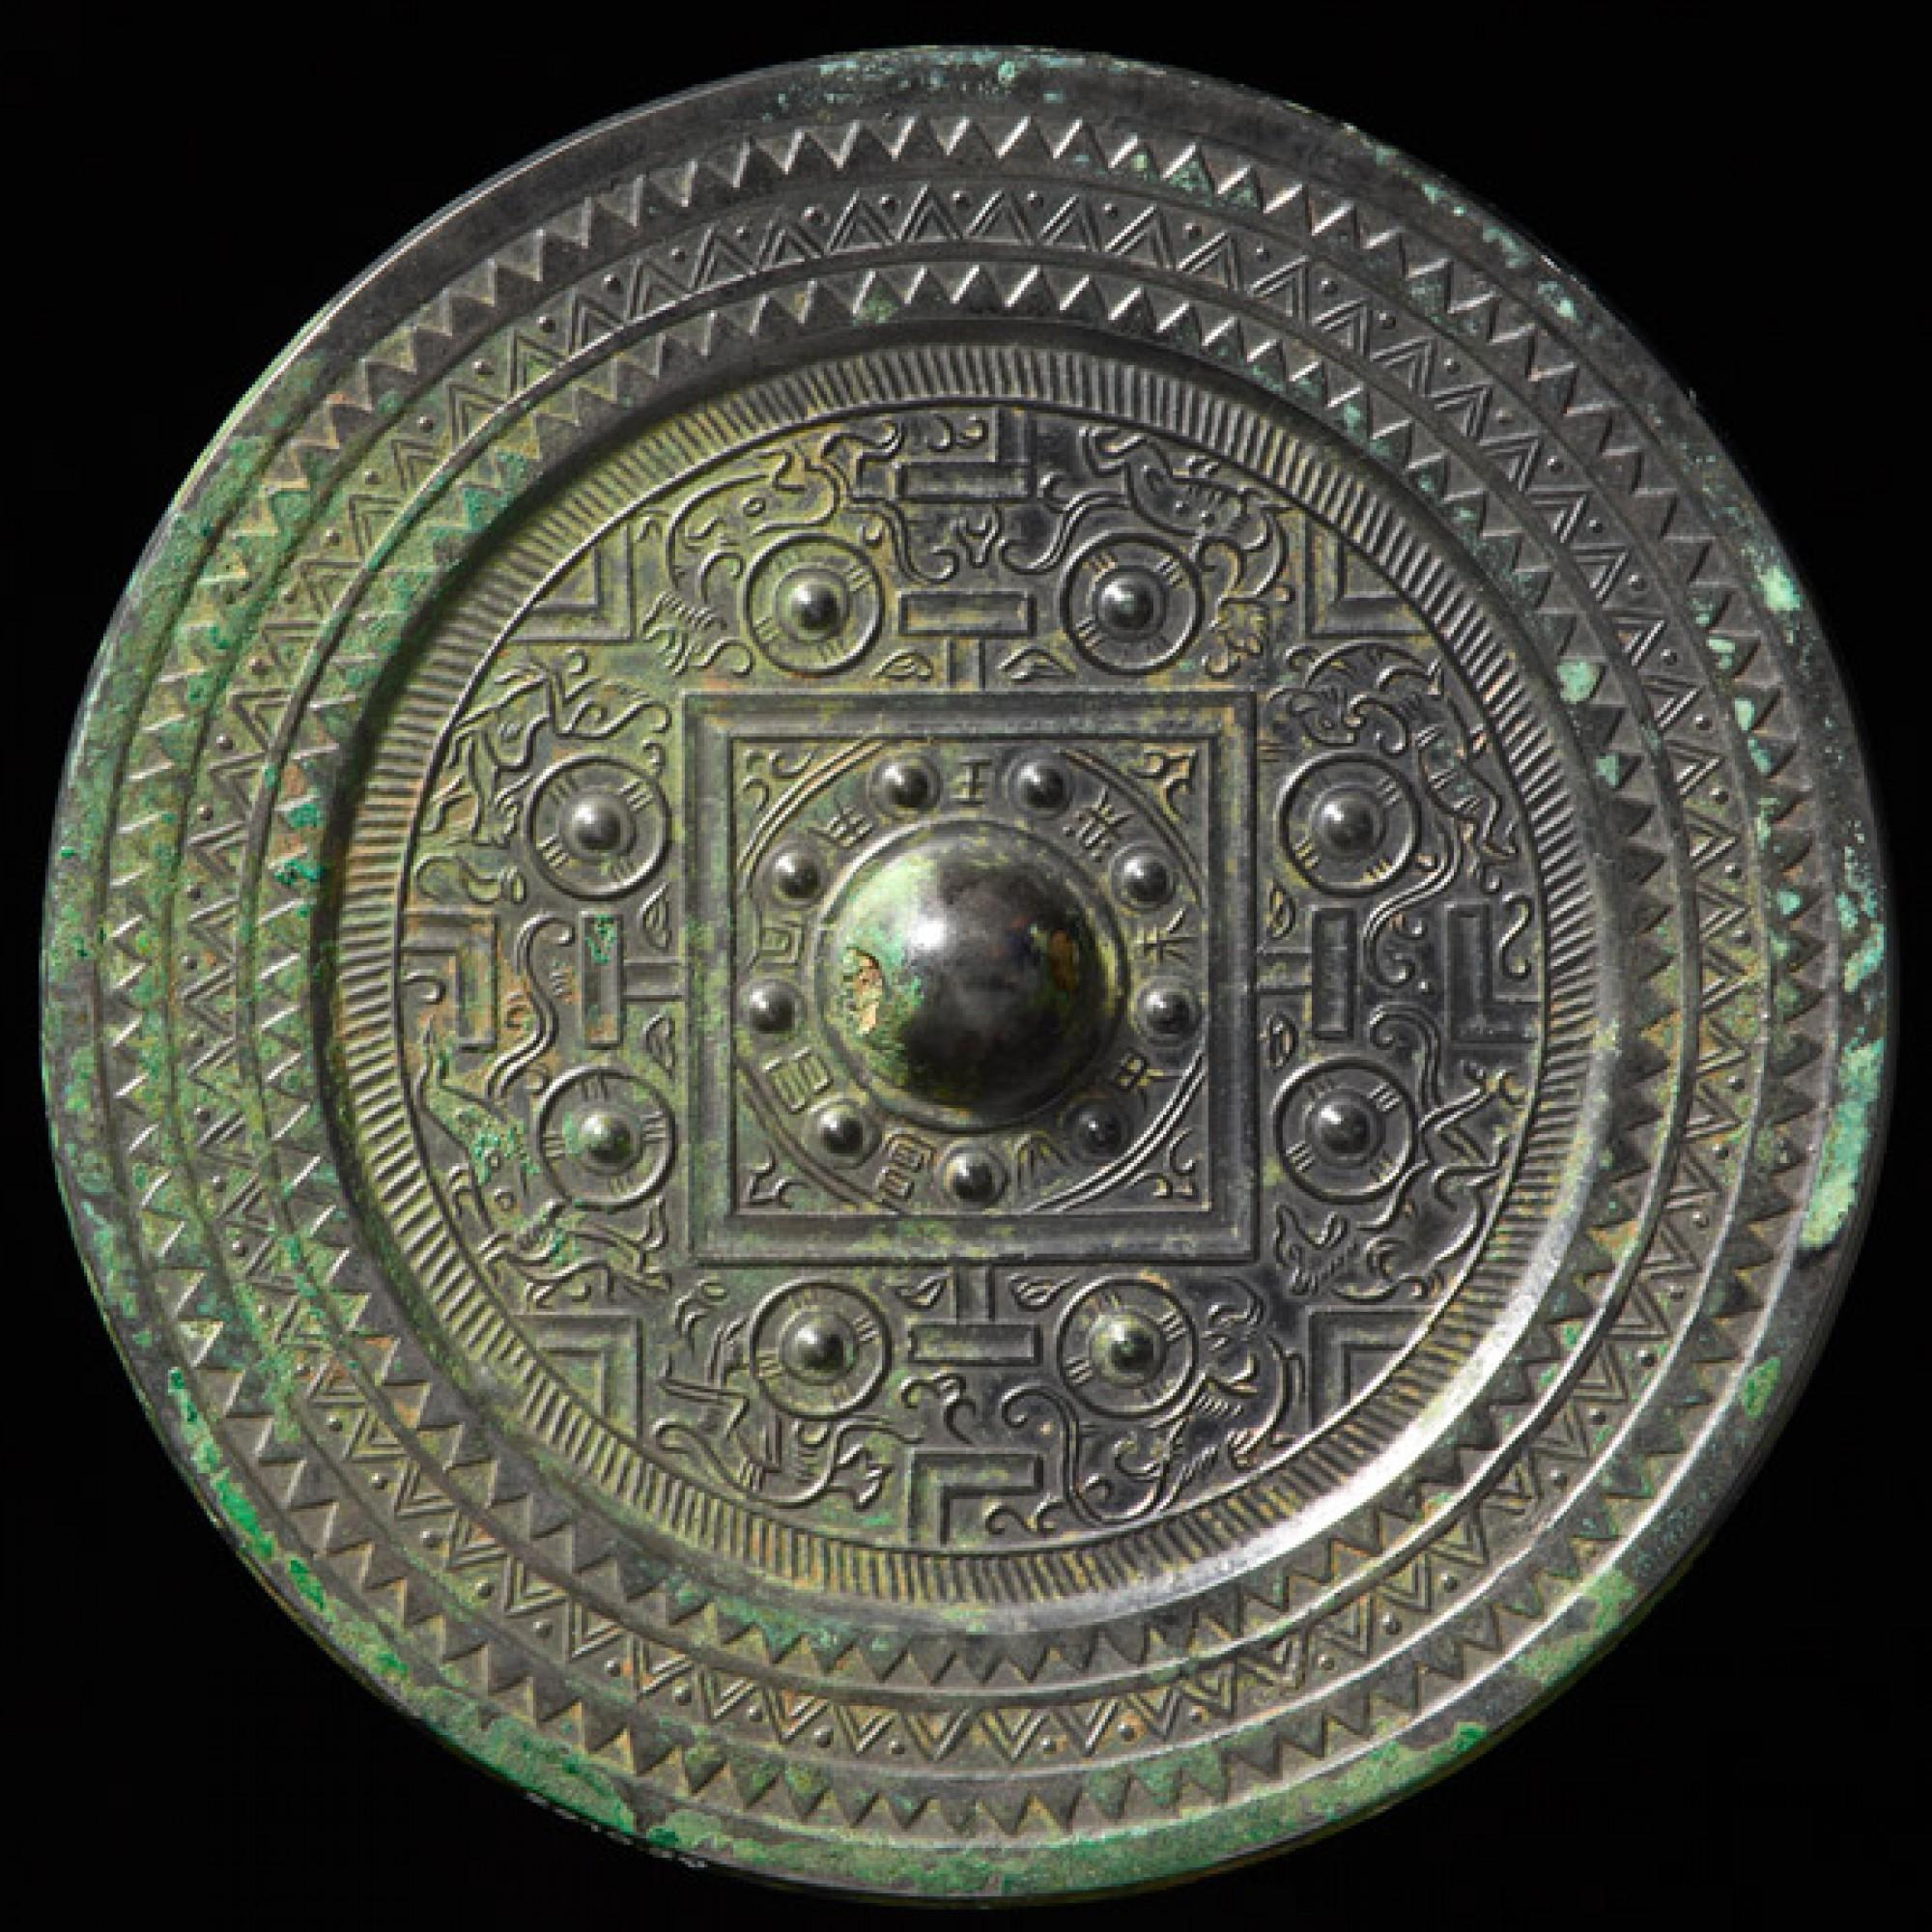 Spiegel mit kosmologischem Dekor China, frühe Östliche Han-Dynastie, 1. Jh. n. Chr. Bronze; Durchmesser 14,4 Centimenter. (Rainer Wolfensberger / Museum Rietberg)